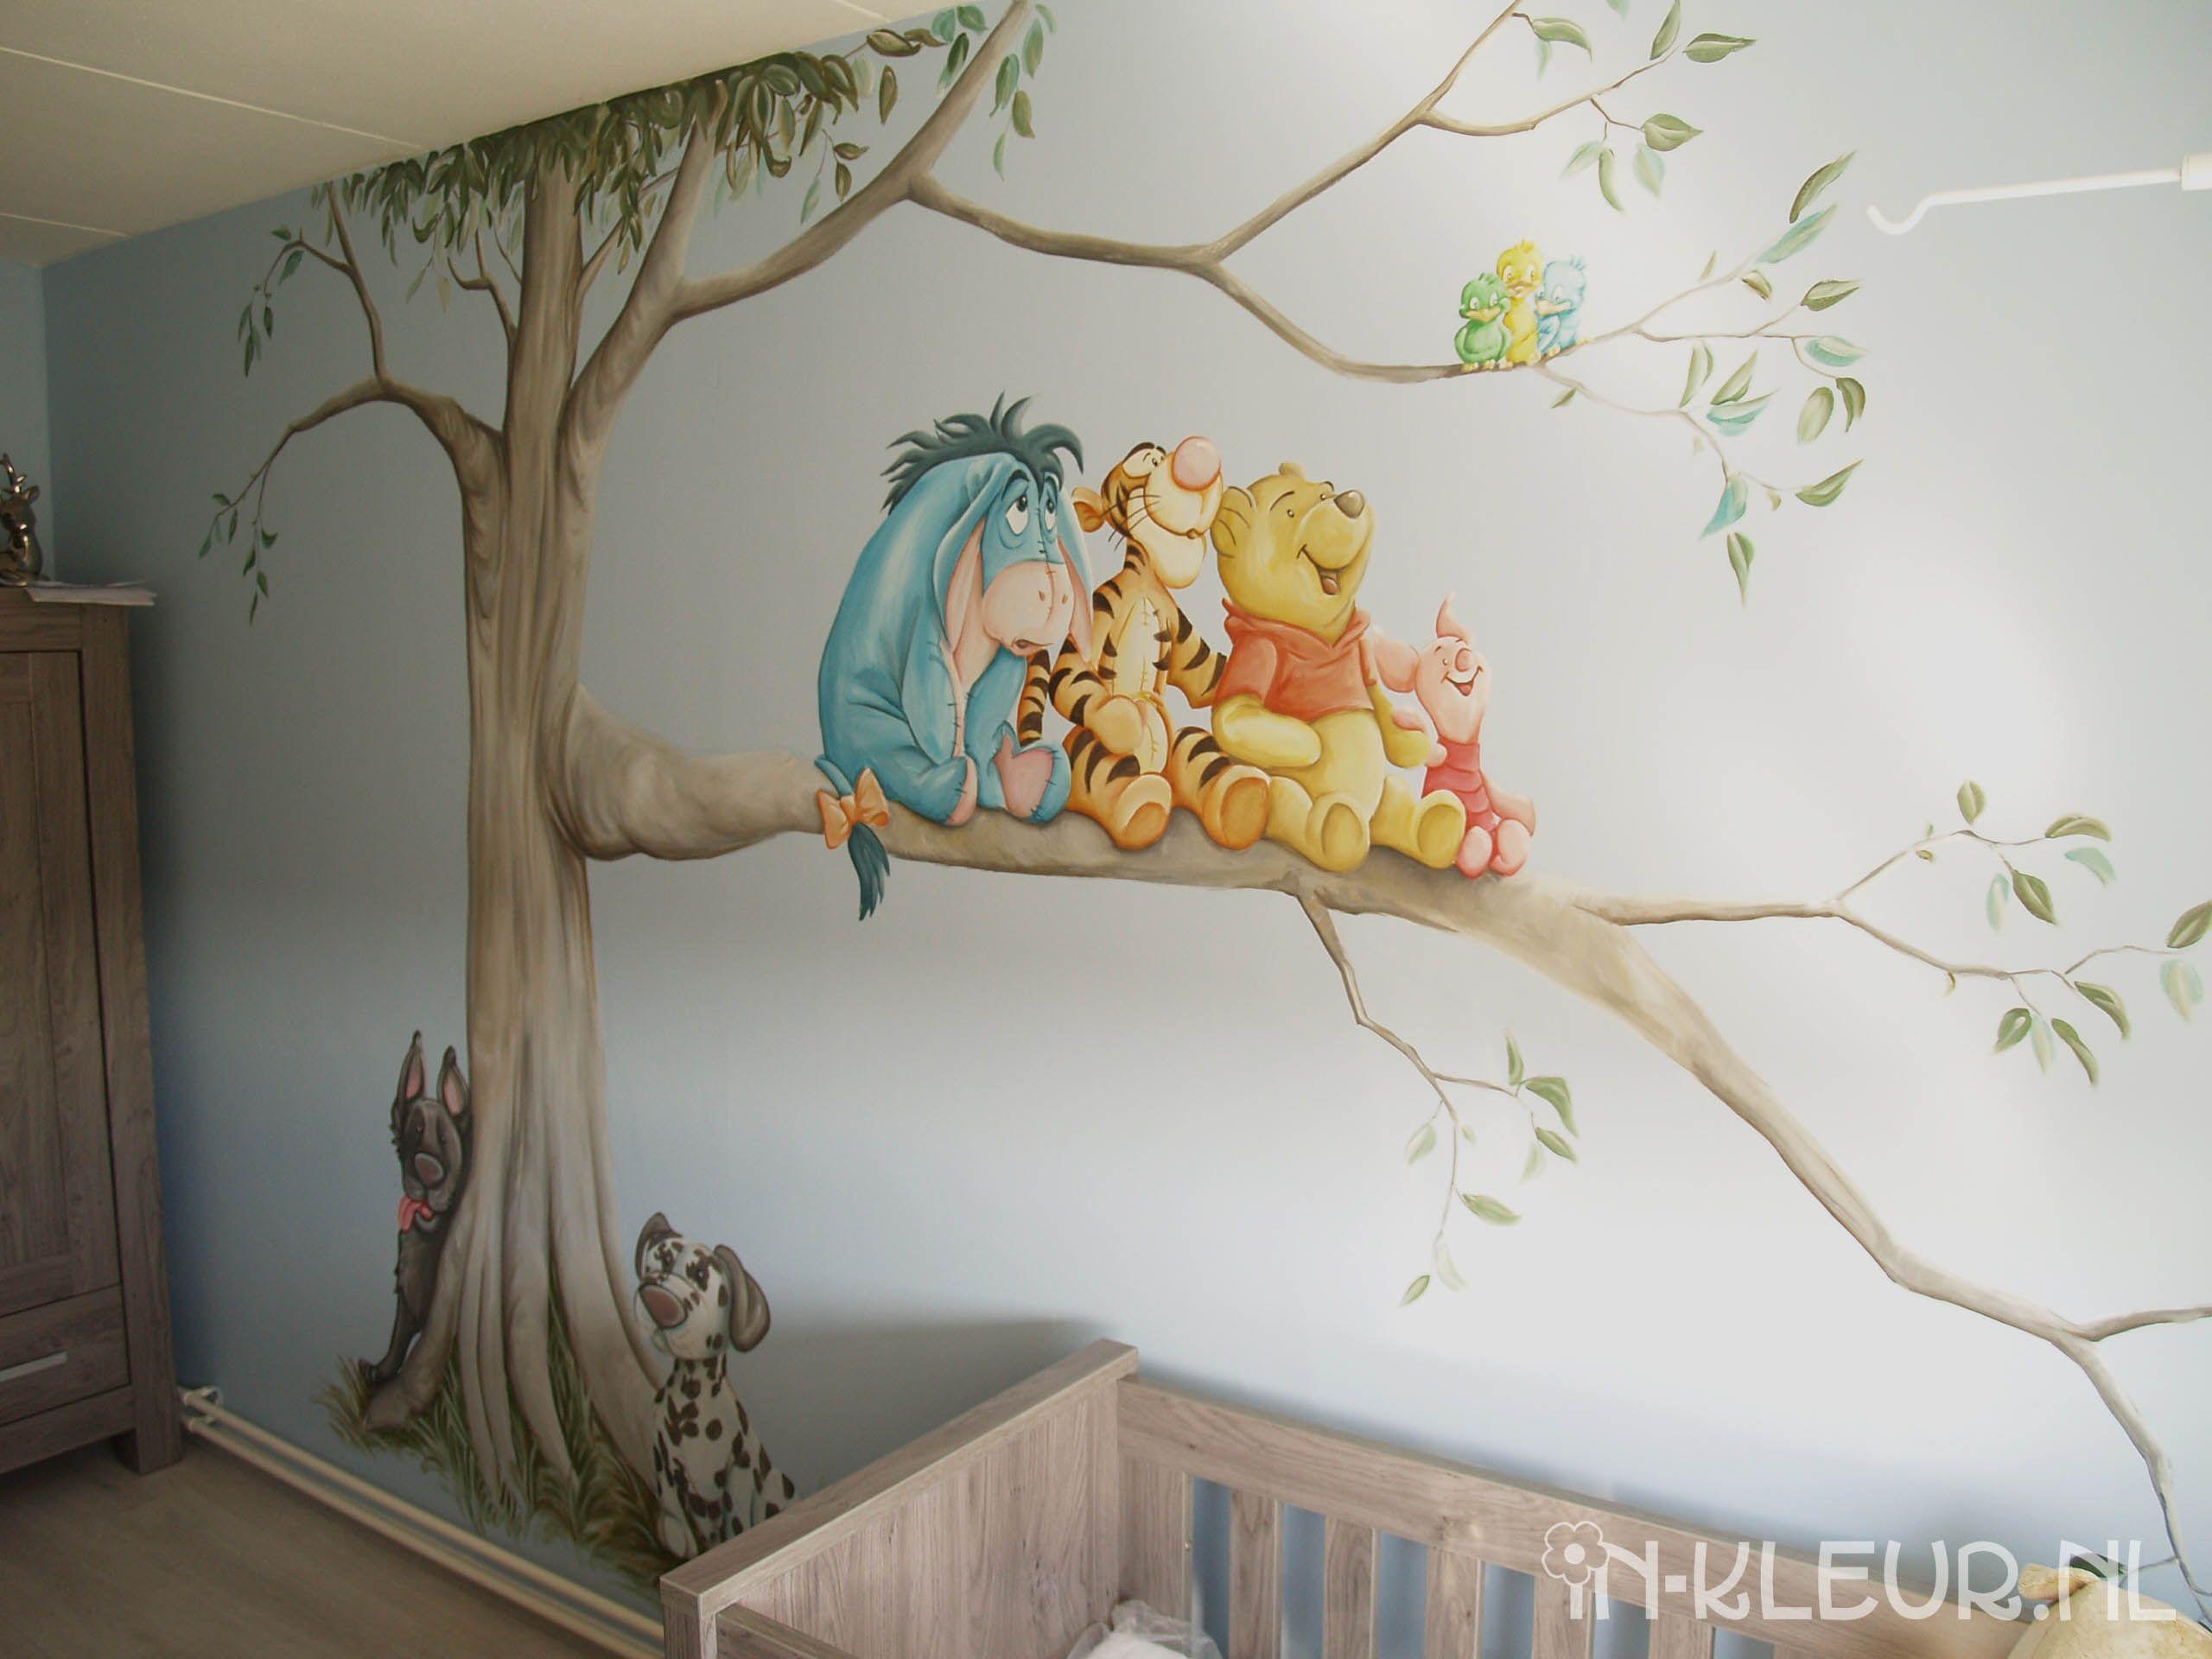 Full Size of Wandbild Kinderzimmer Poeh Muurschildering Babykamer Boom Hondjes Wandbilder Wohnzimmer Regal Sofa Schlafzimmer Weiß Regale Kinderzimmer Wandbild Kinderzimmer